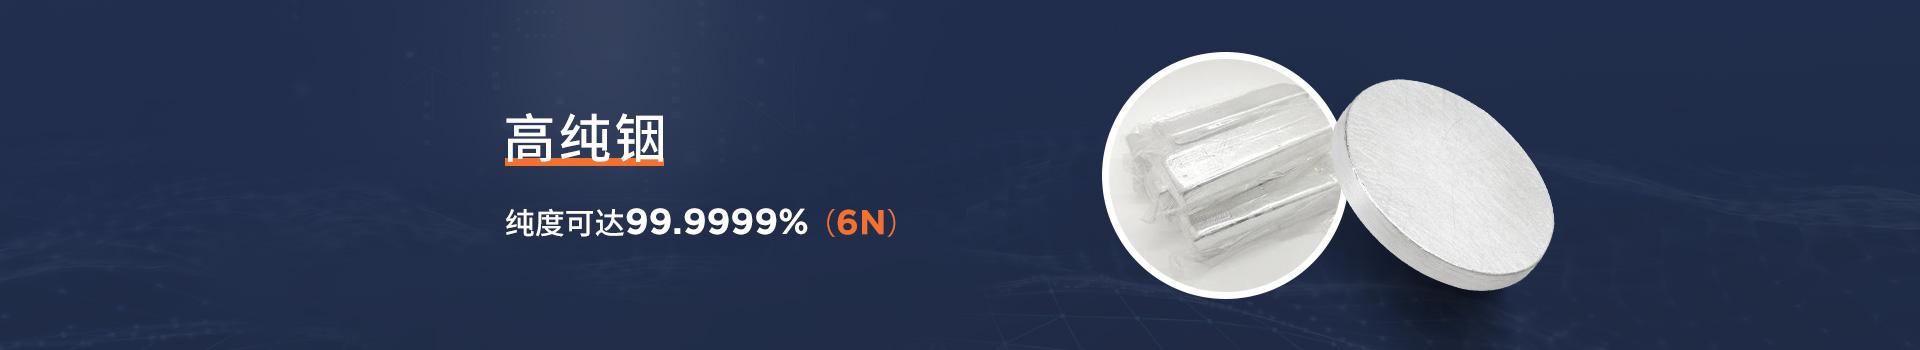 中天利高纯铟纯度可达99.9999%(6N)